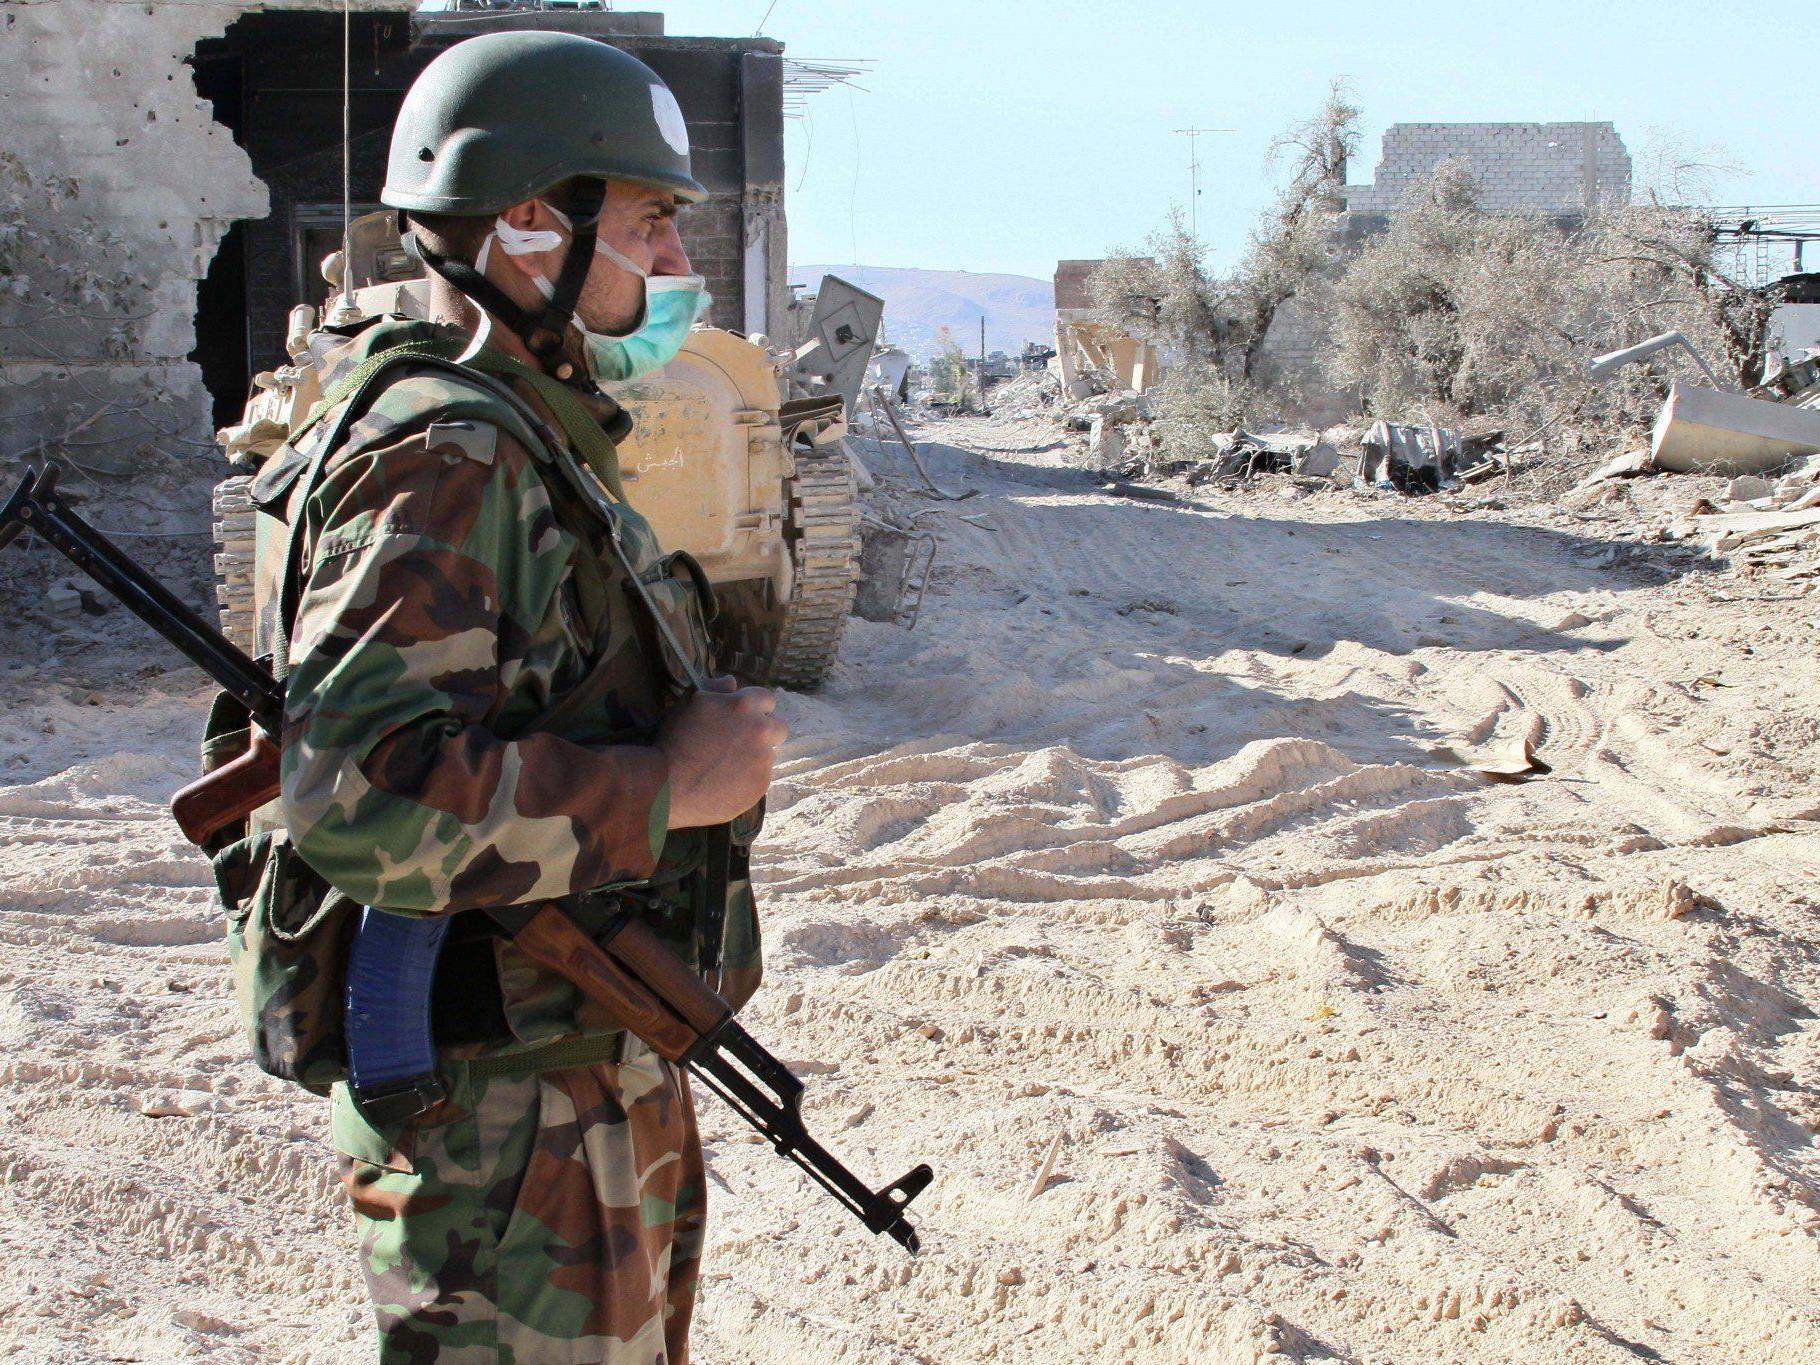 """Giftgas-Einsatz in Syrien: US-Geheimdienste haben """"hohe Gewissheit"""""""